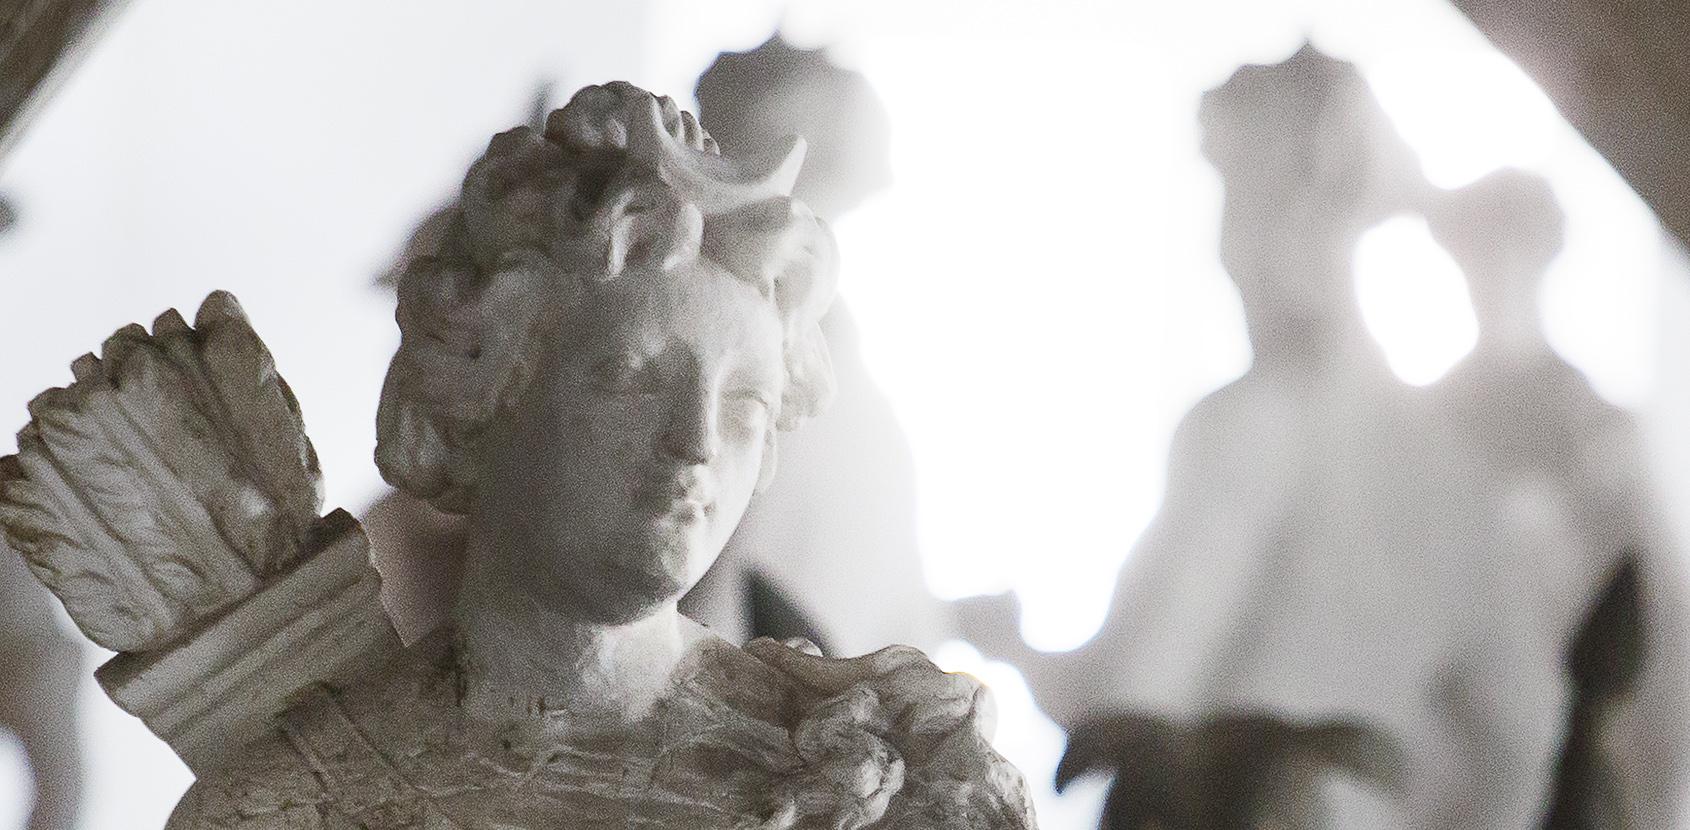 Billetter - Billetpriser til besøg i Kongernes Lapidarium i Christian 4.s Bryghus.